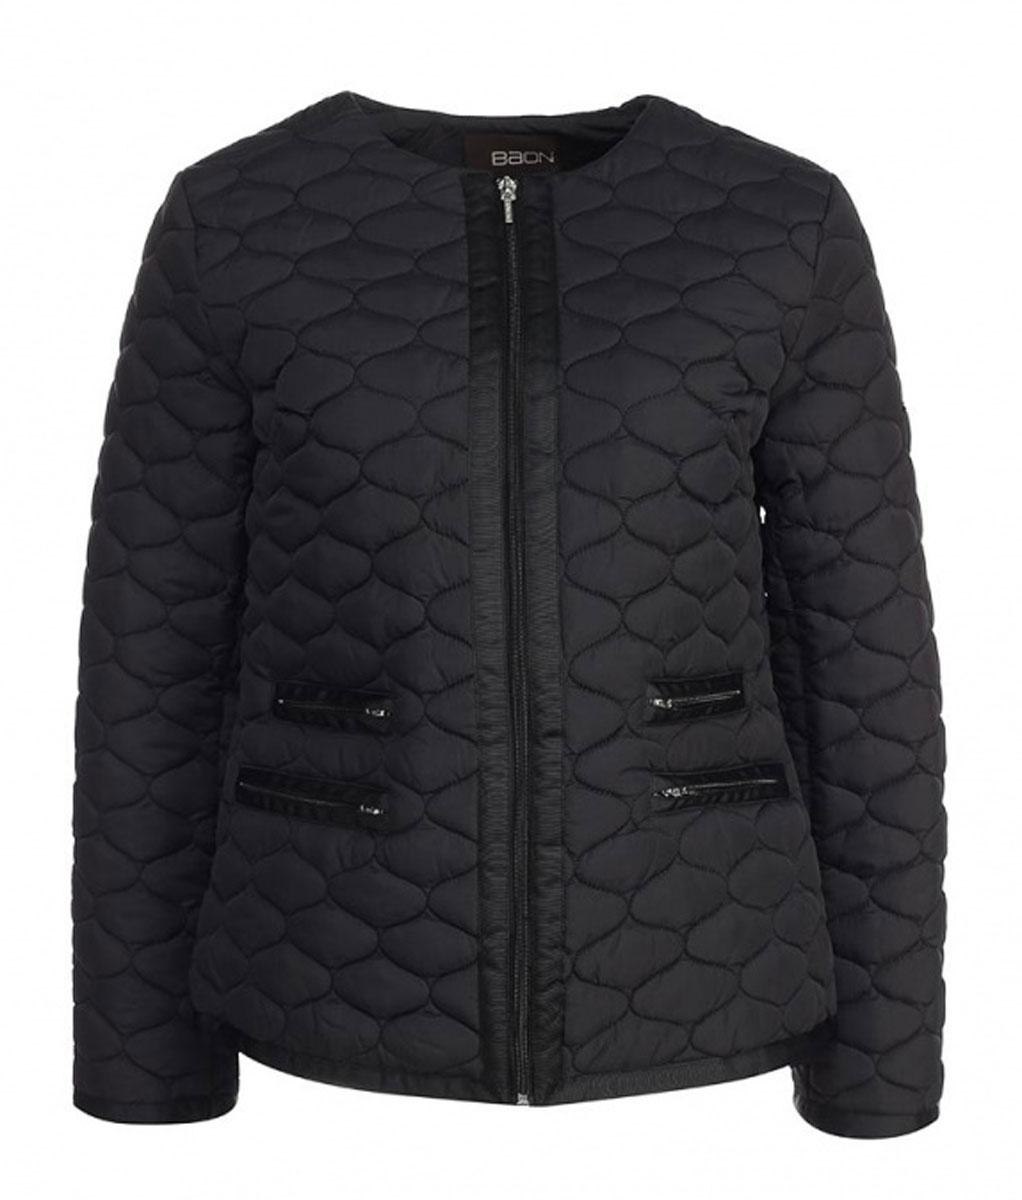 КурткаB035547Удобная женская куртка Baon согреет вас в прохладную погоду. Модель с длинными рукавами и круглым вырезом горловины застегивается на застежку-молнию и имеет наполнитель из синтепона. Куртка дополнена четырьмя втачными карманами на молниях спереди. Изделие оформлено стеганым узором. Эта модная и в то же время комфортная куртка - отличный вариант для прогулок и занятия спортом, она подчеркнет ваш изысканный вкус и поможет создать неповторимый образ.